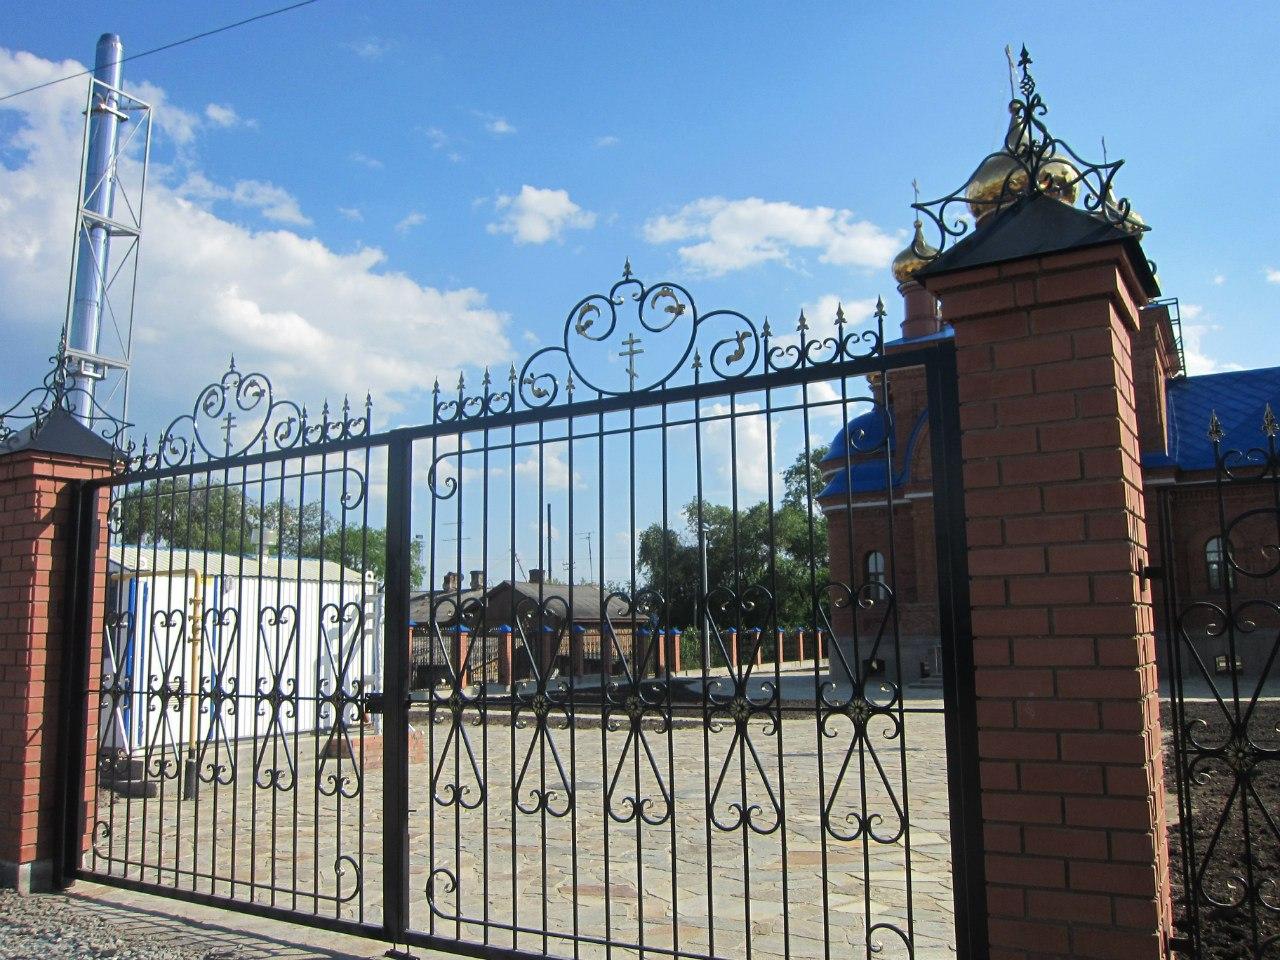 Ворота симпатичные... но закрытые :( (03.07.2014)